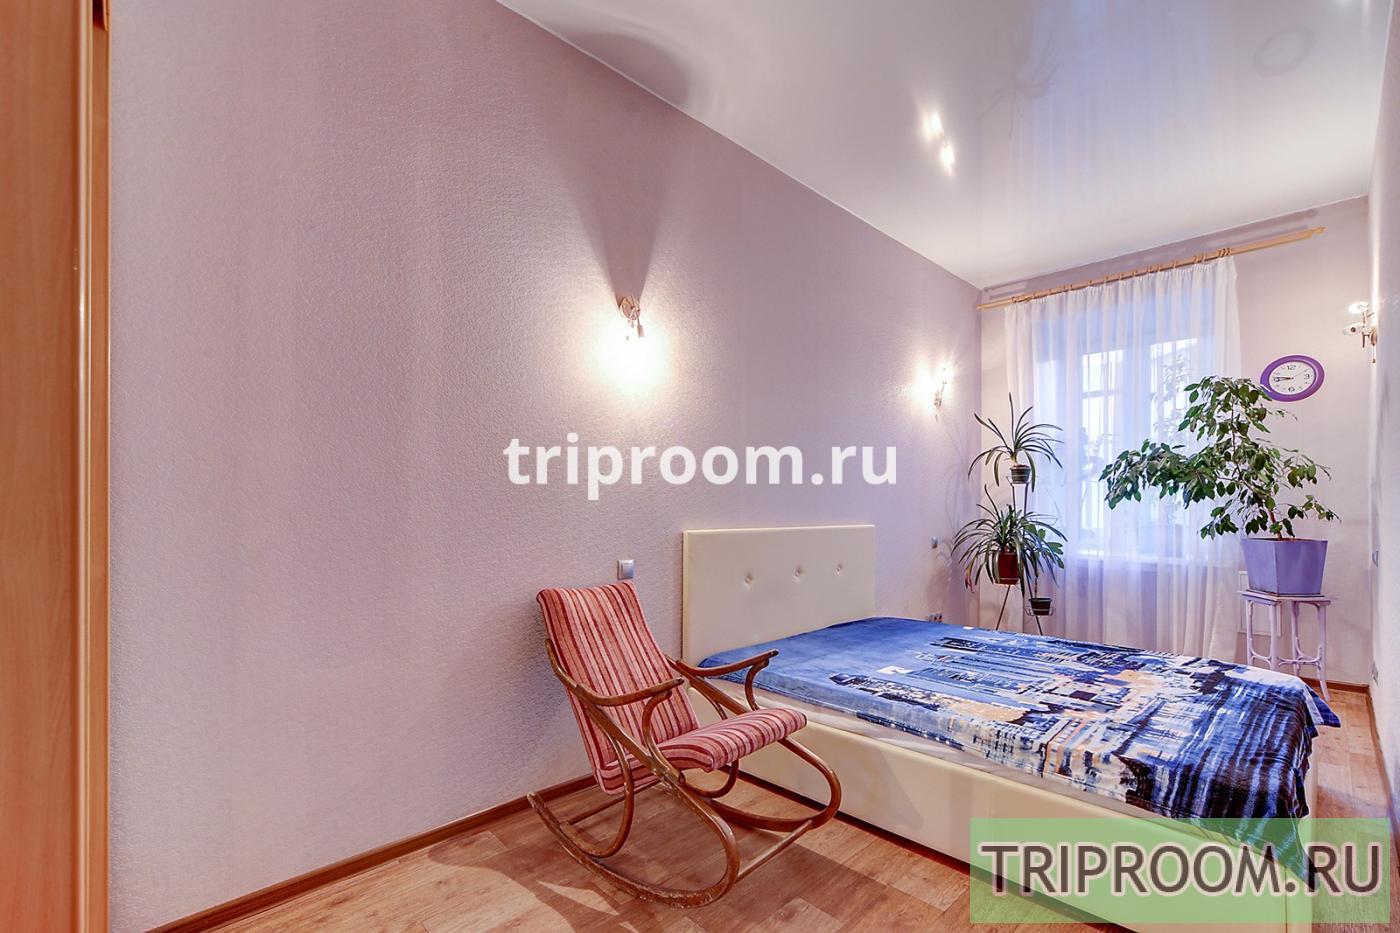 2-комнатная квартира посуточно (вариант № 15459), ул. Адмиралтейская набережная, фото № 10